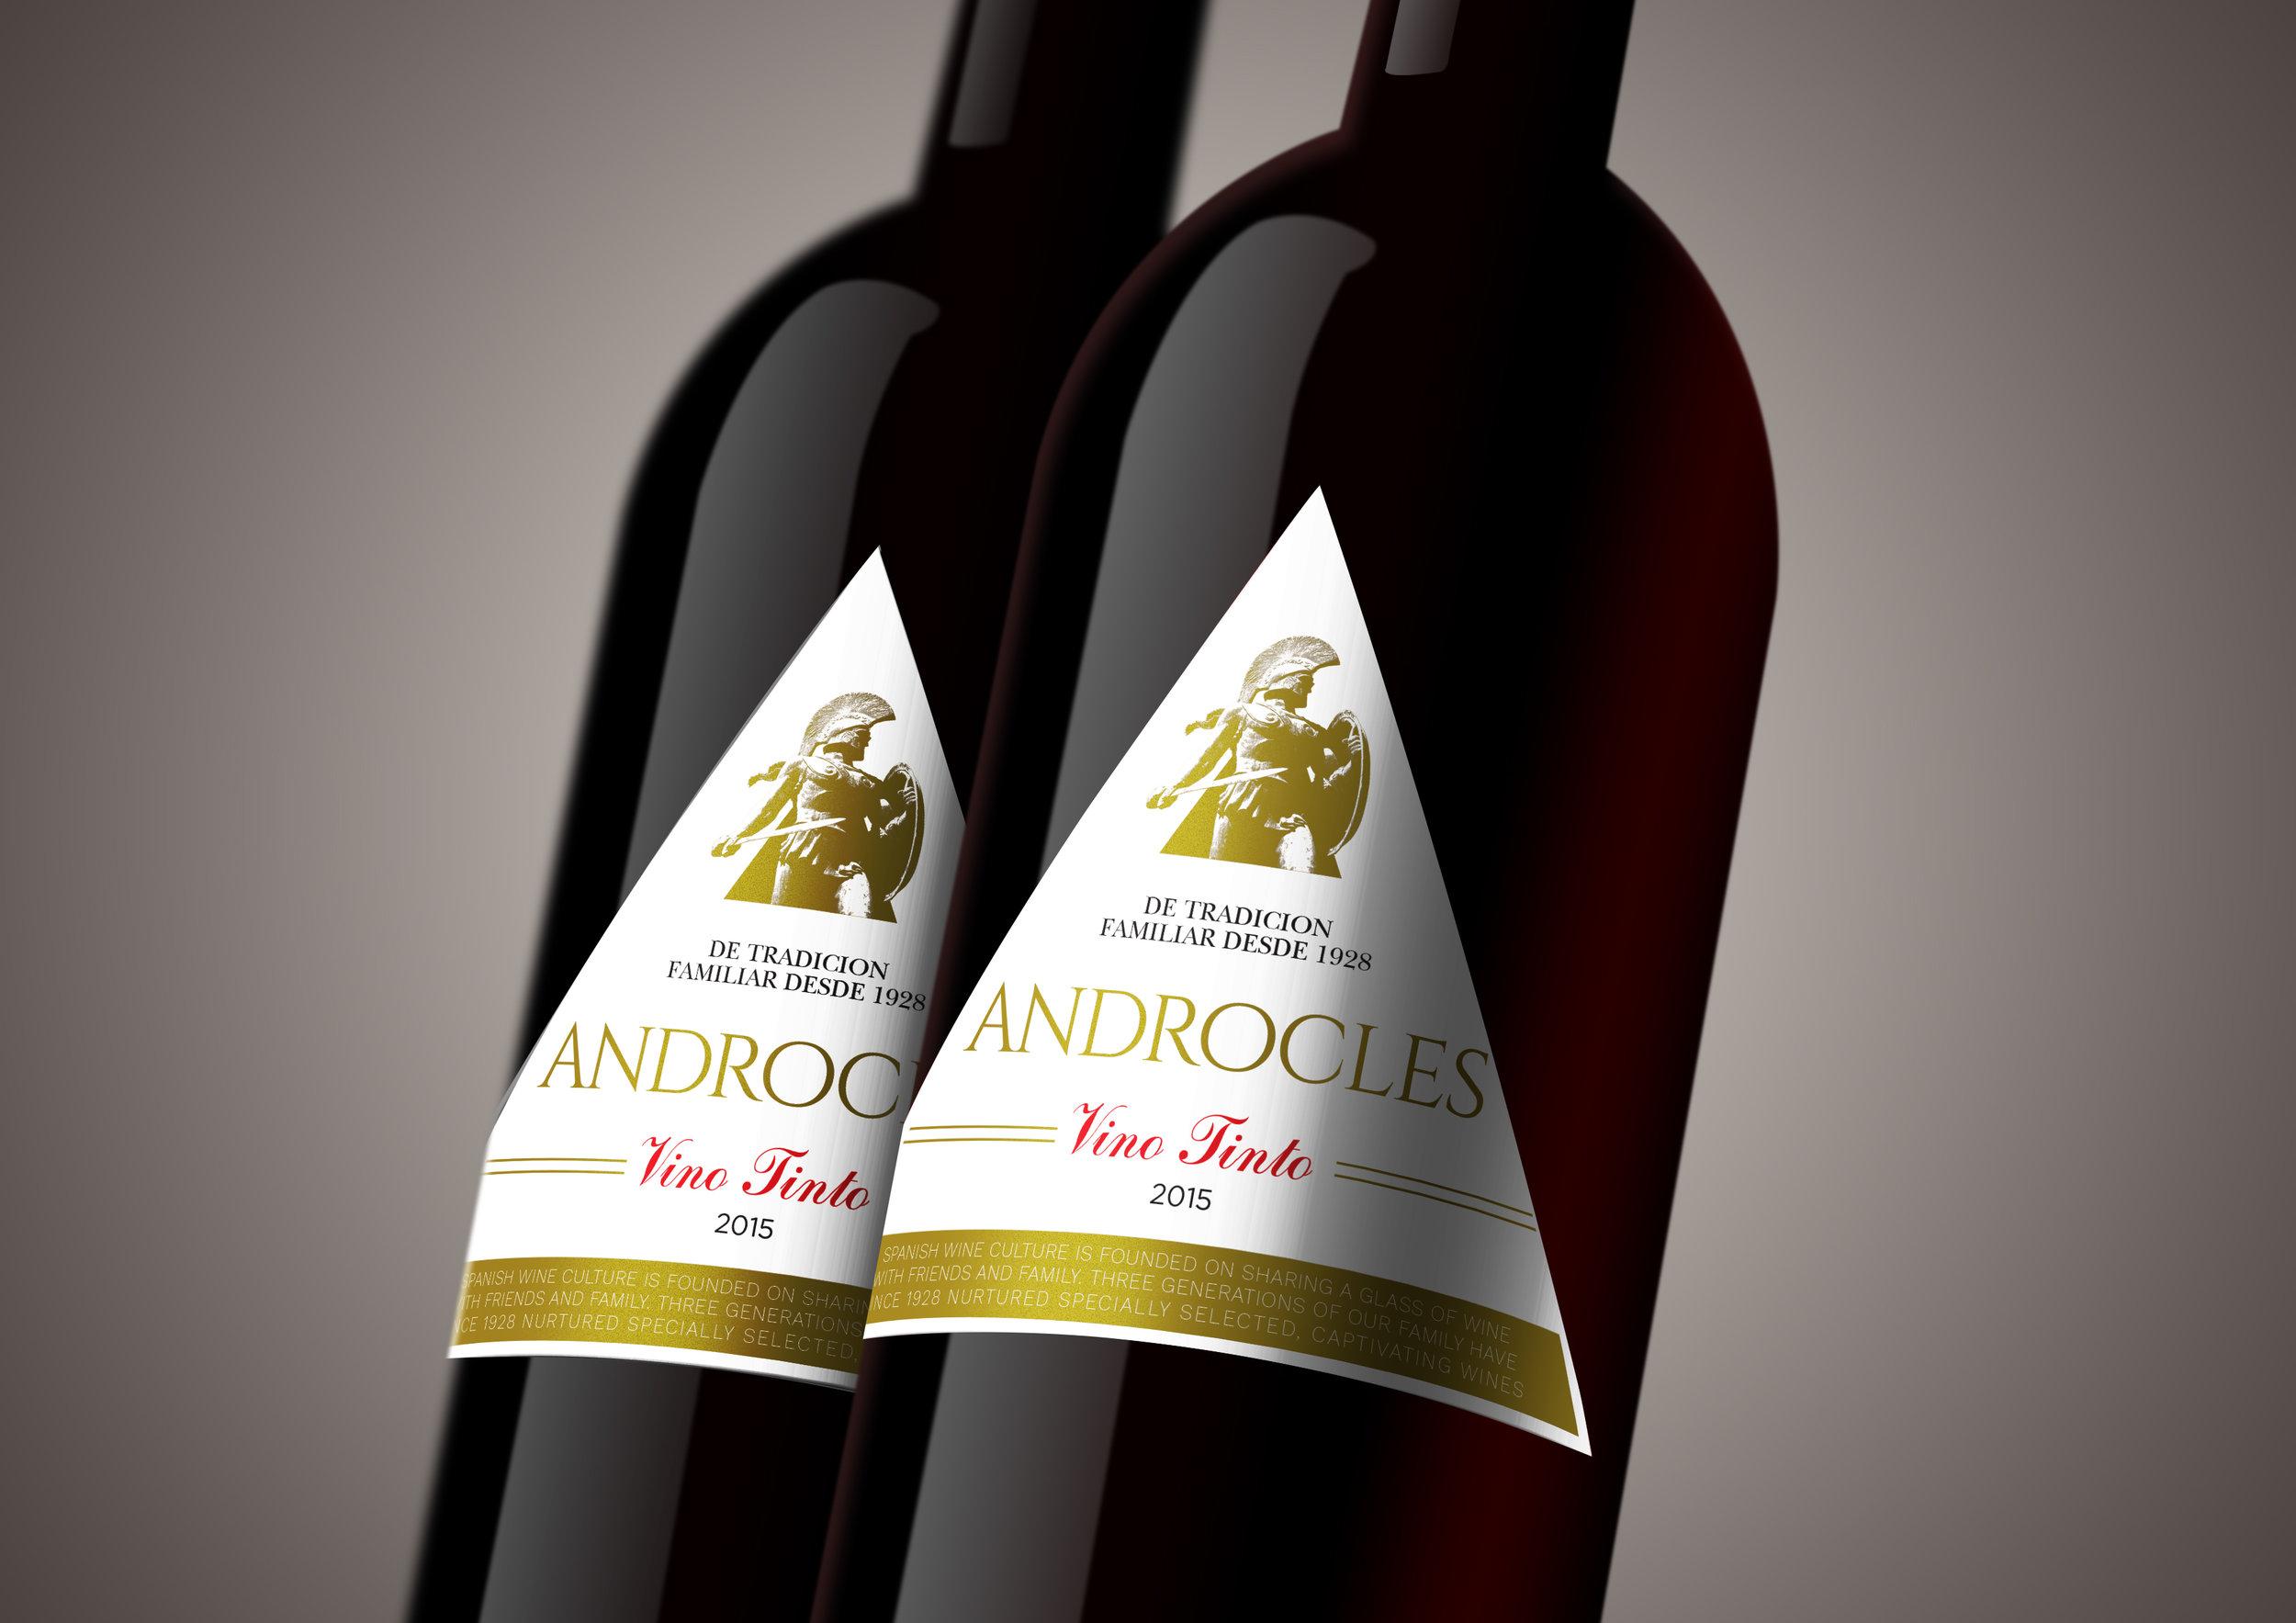 Androcles 2 bottle shot.jpg